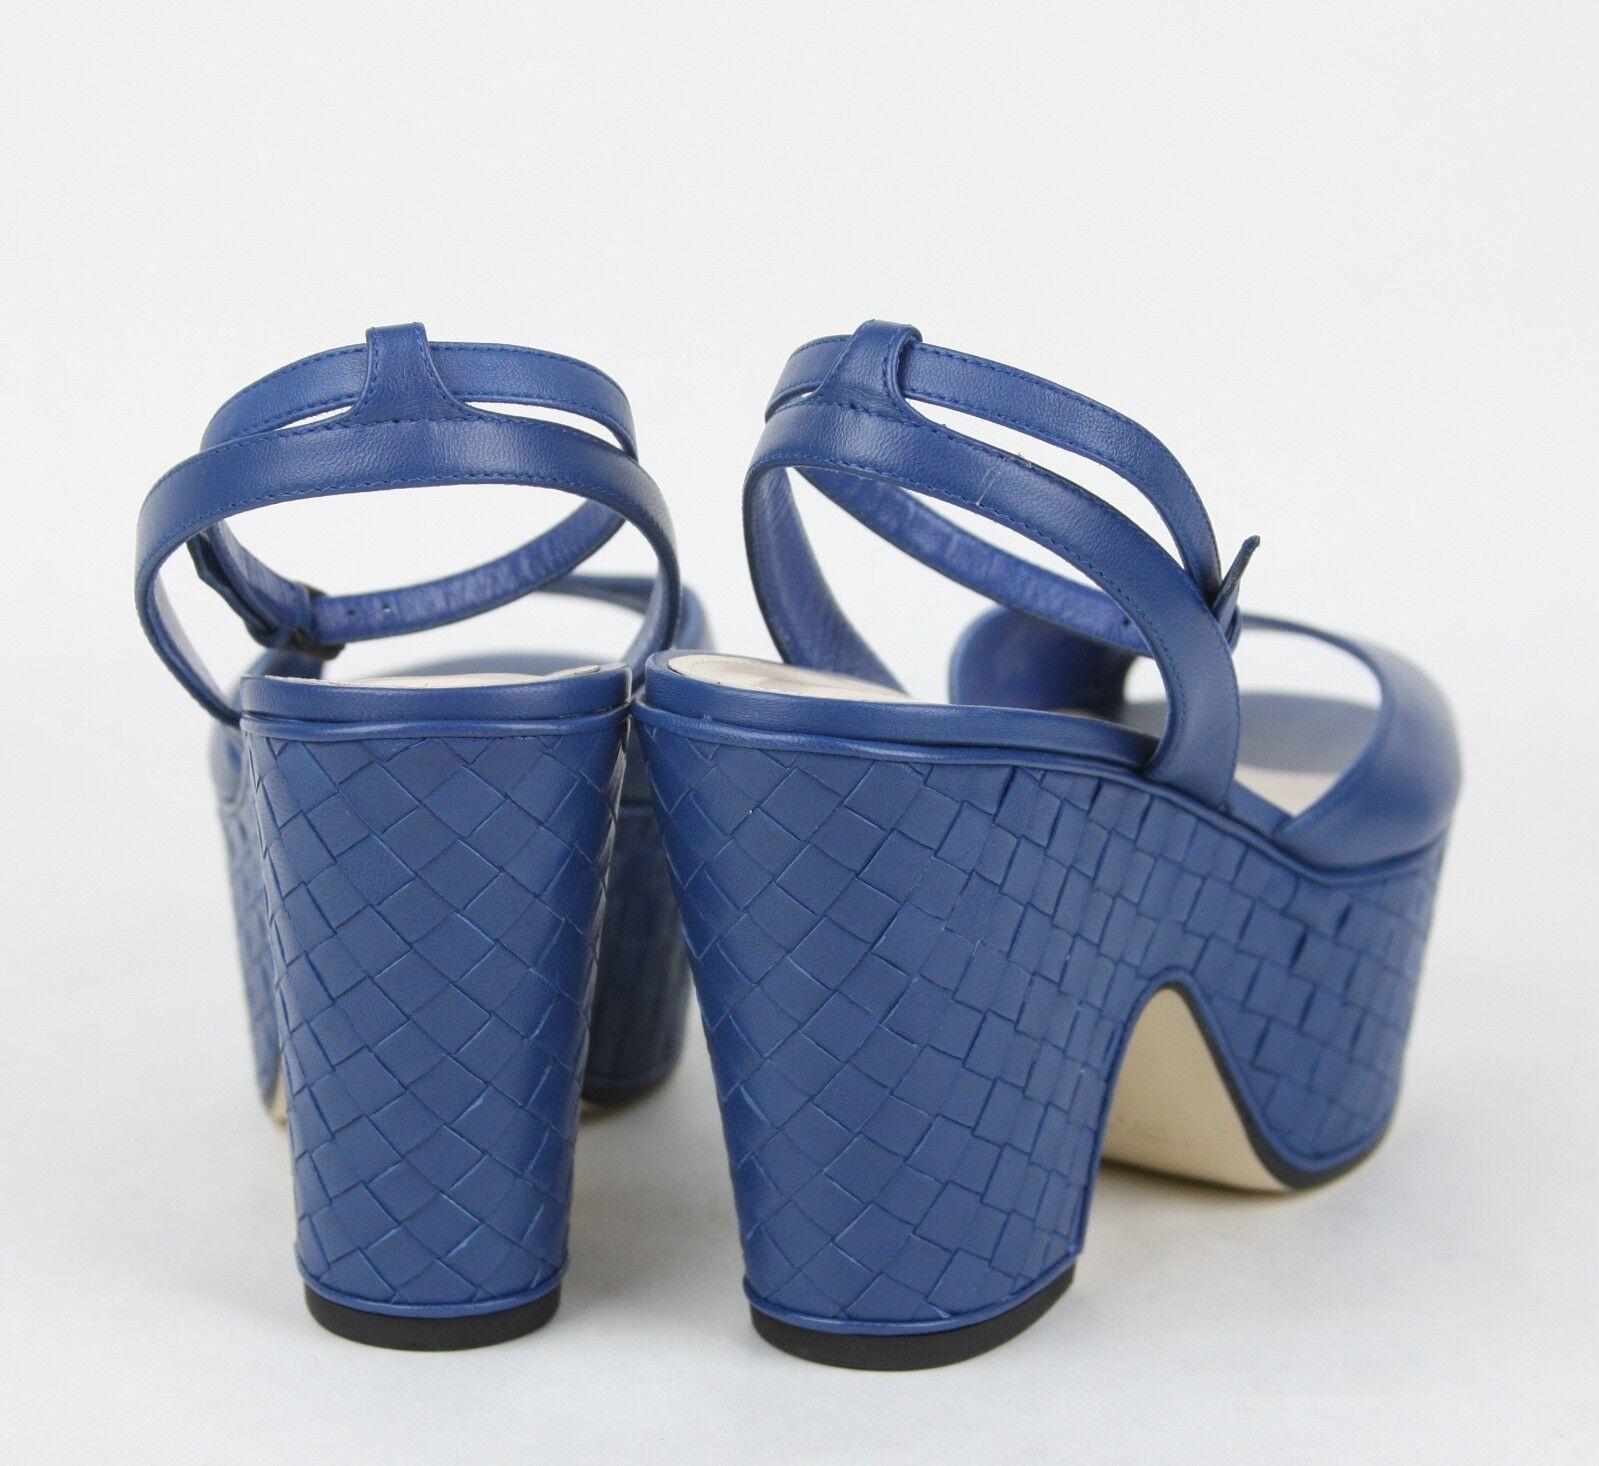 640 Nuevo Bottega Veneta Cuero Cosido Cuero Veneta Plataforma Cuña Sandalia Azul 338279 4217 2ea40e